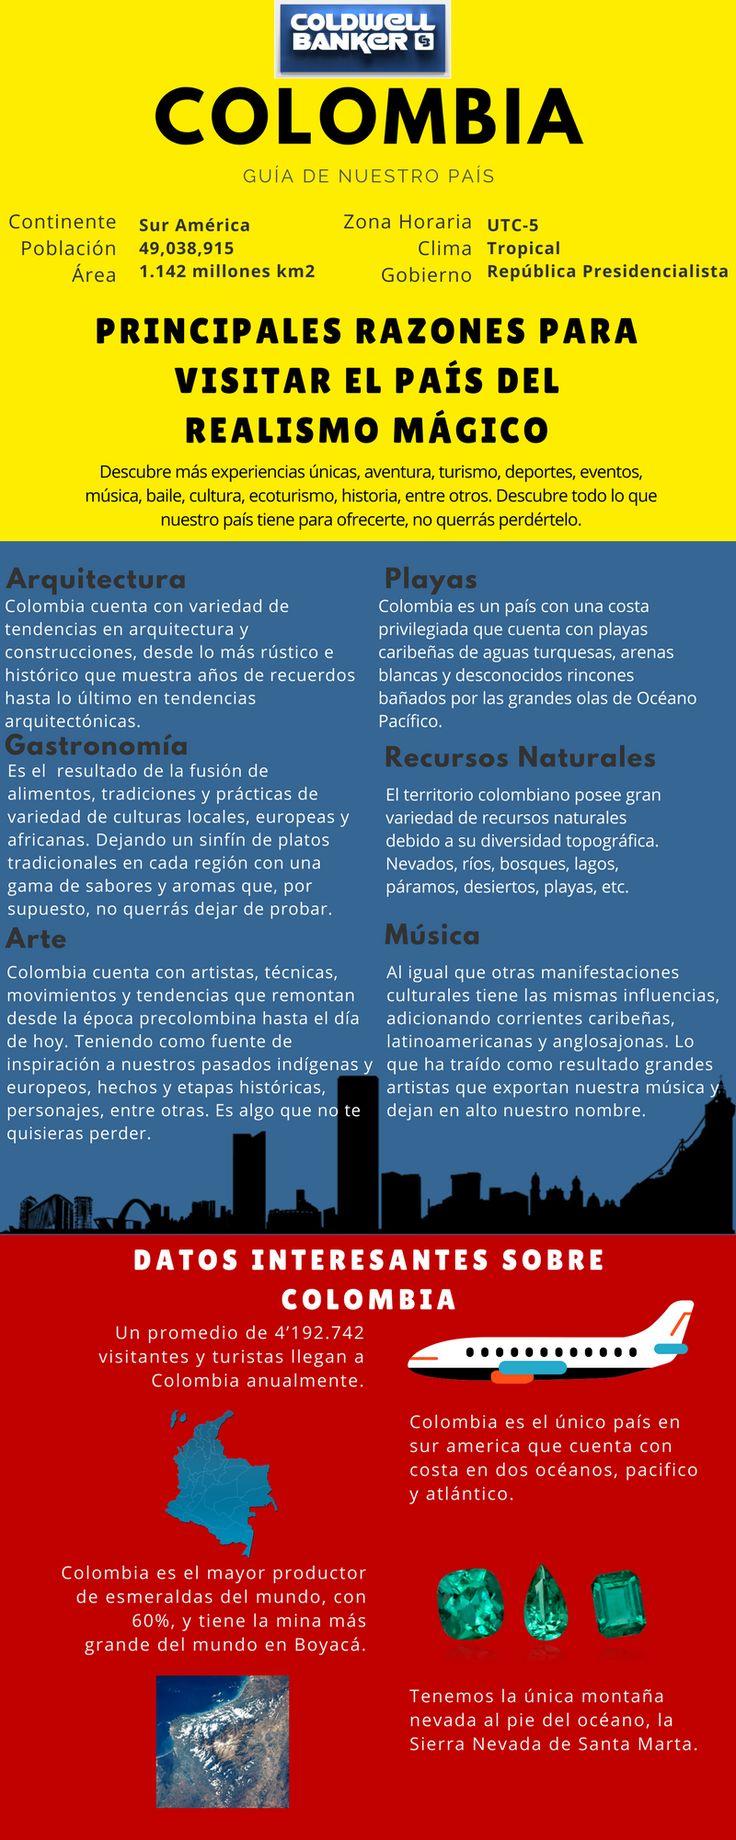 La inmobiliaria azul te invita a conocer más sobre nuestro hermoso país. #lainmobiliariaazul #cbcolombia #hermosacolombia